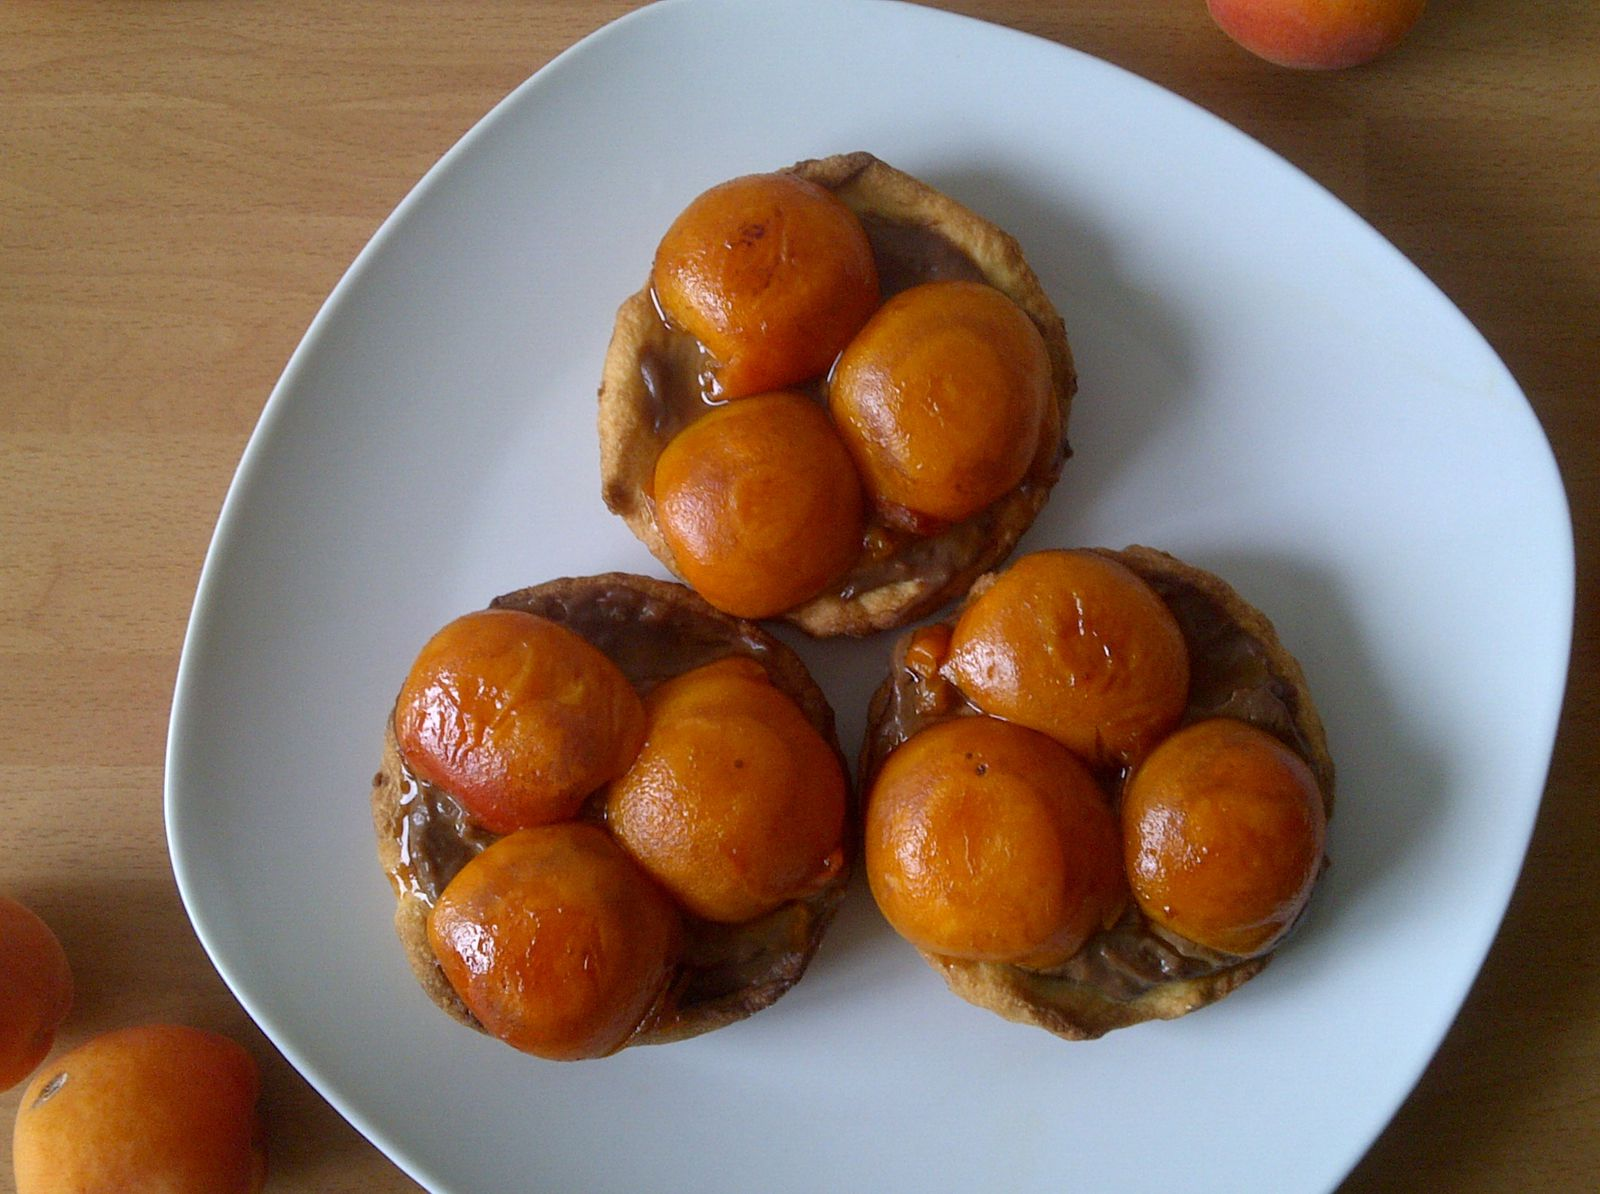 Tartelettes aux abricots et à la crème chocolat